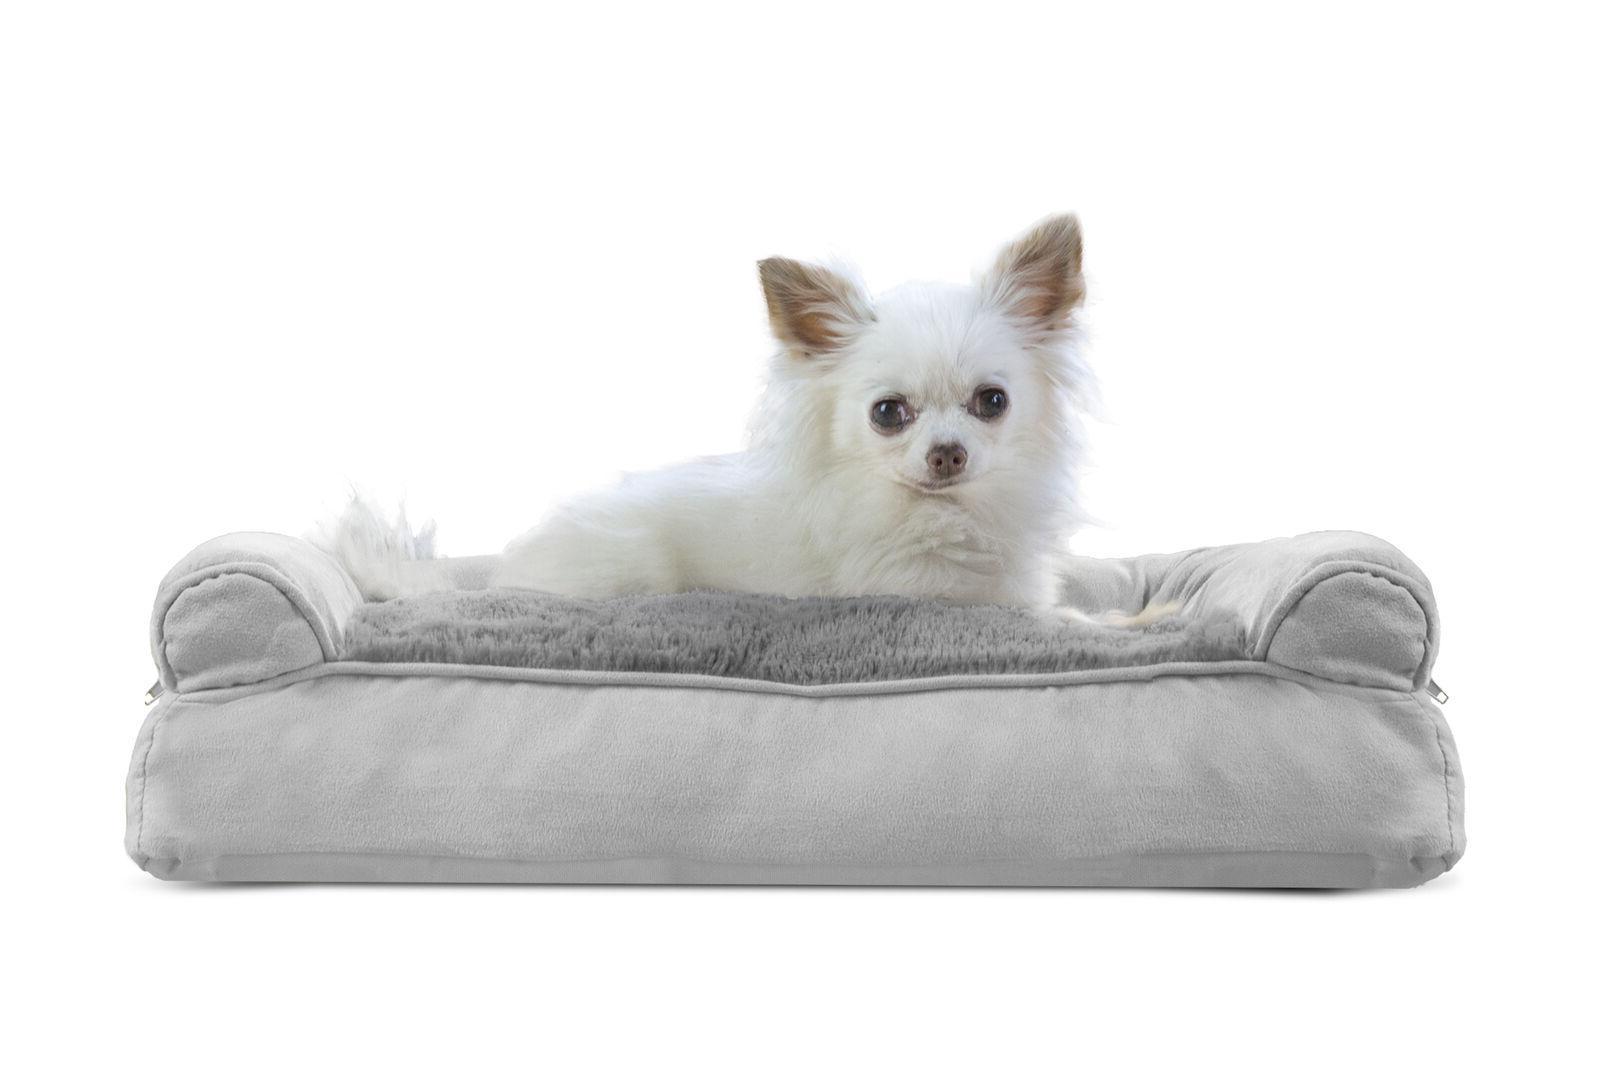 FurHaven Plush & Pet